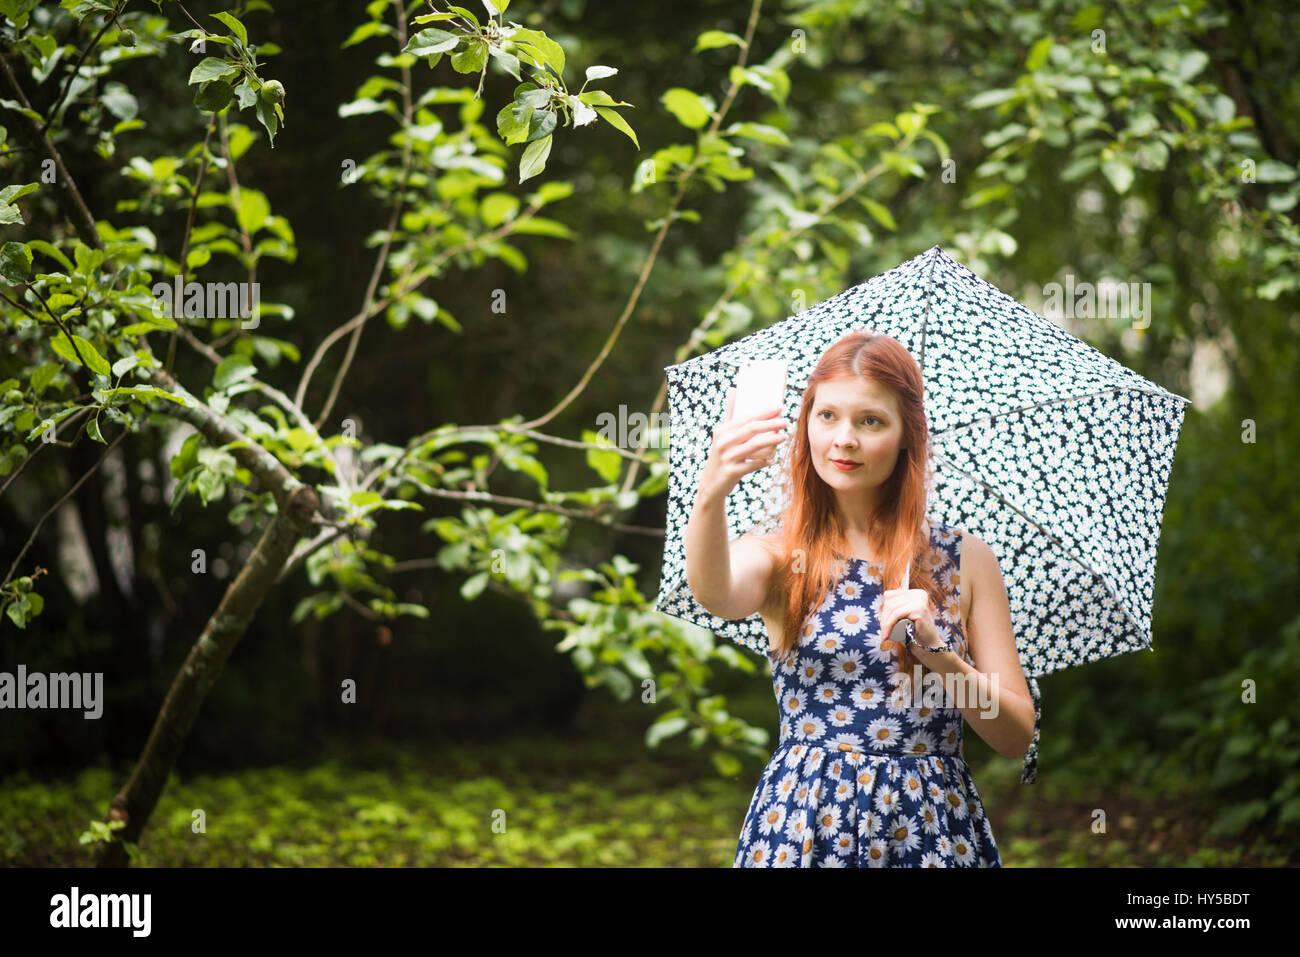 Finnland, Pirkanmaa, Tampere, Frau mit geblümten Kleid mit Regenschirm in Park und unter selfie Stockfoto